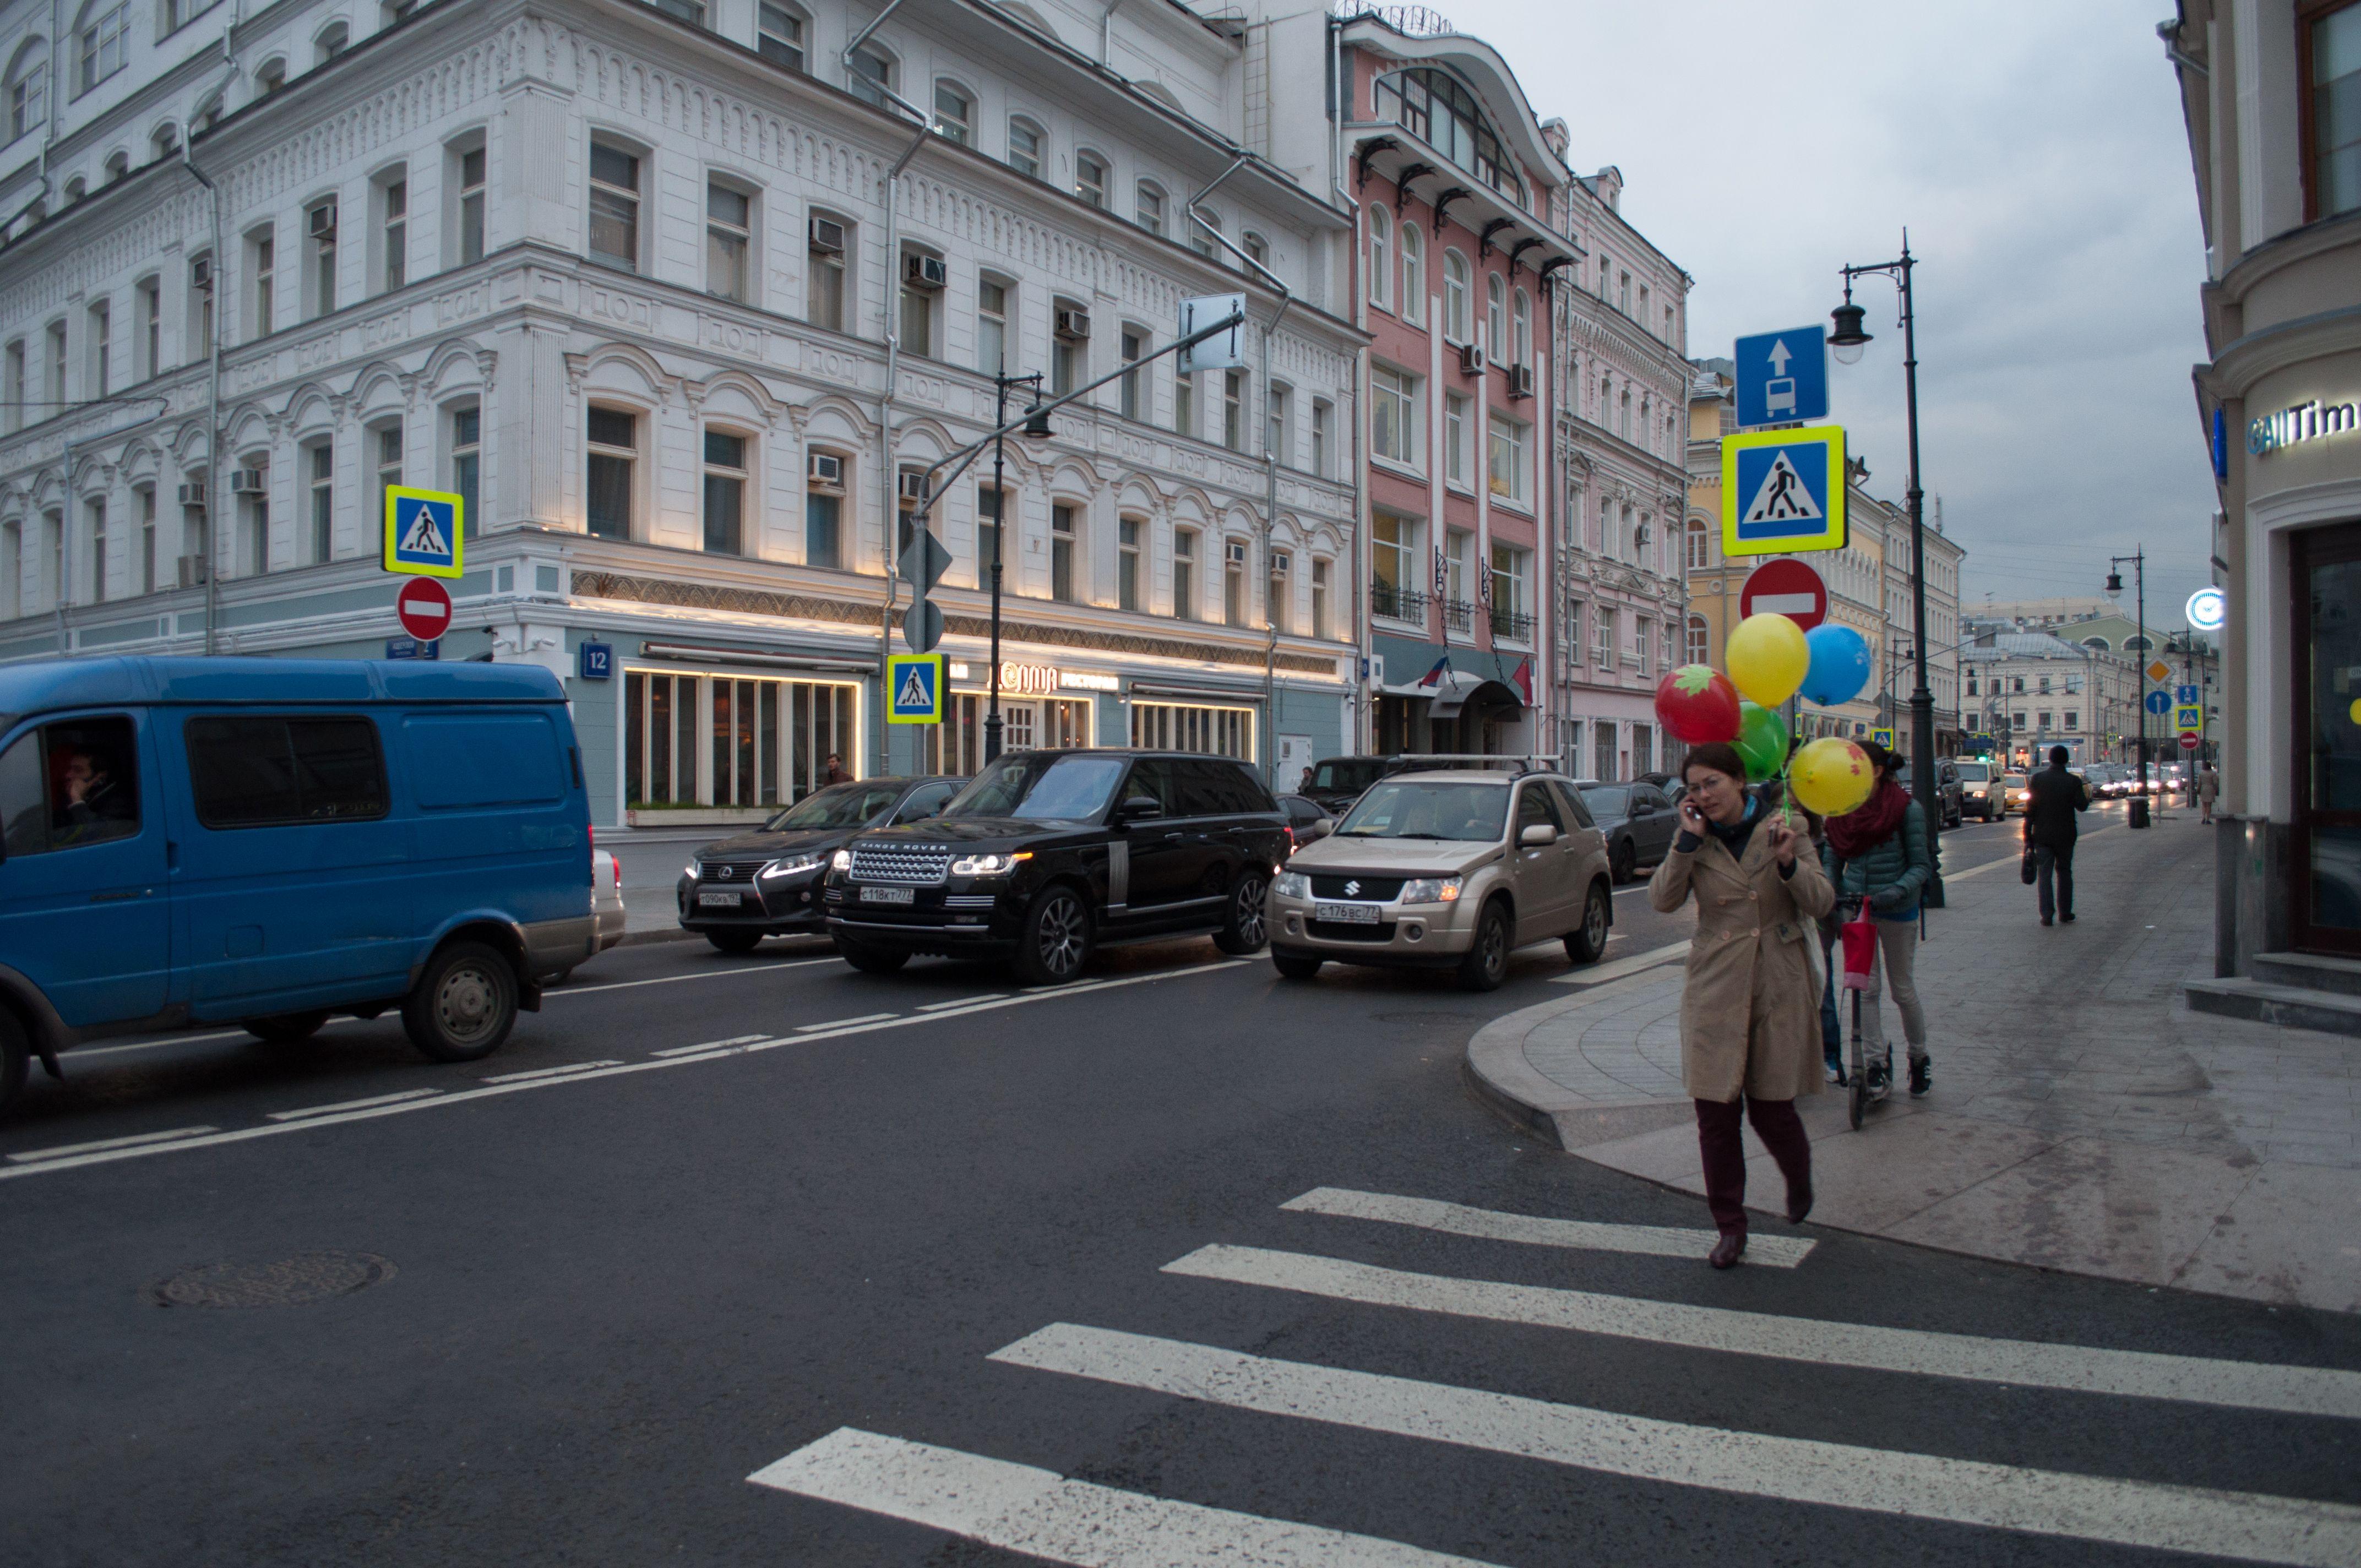 Предупреждающие надписи рядом с пешеходными переходами появятся весной